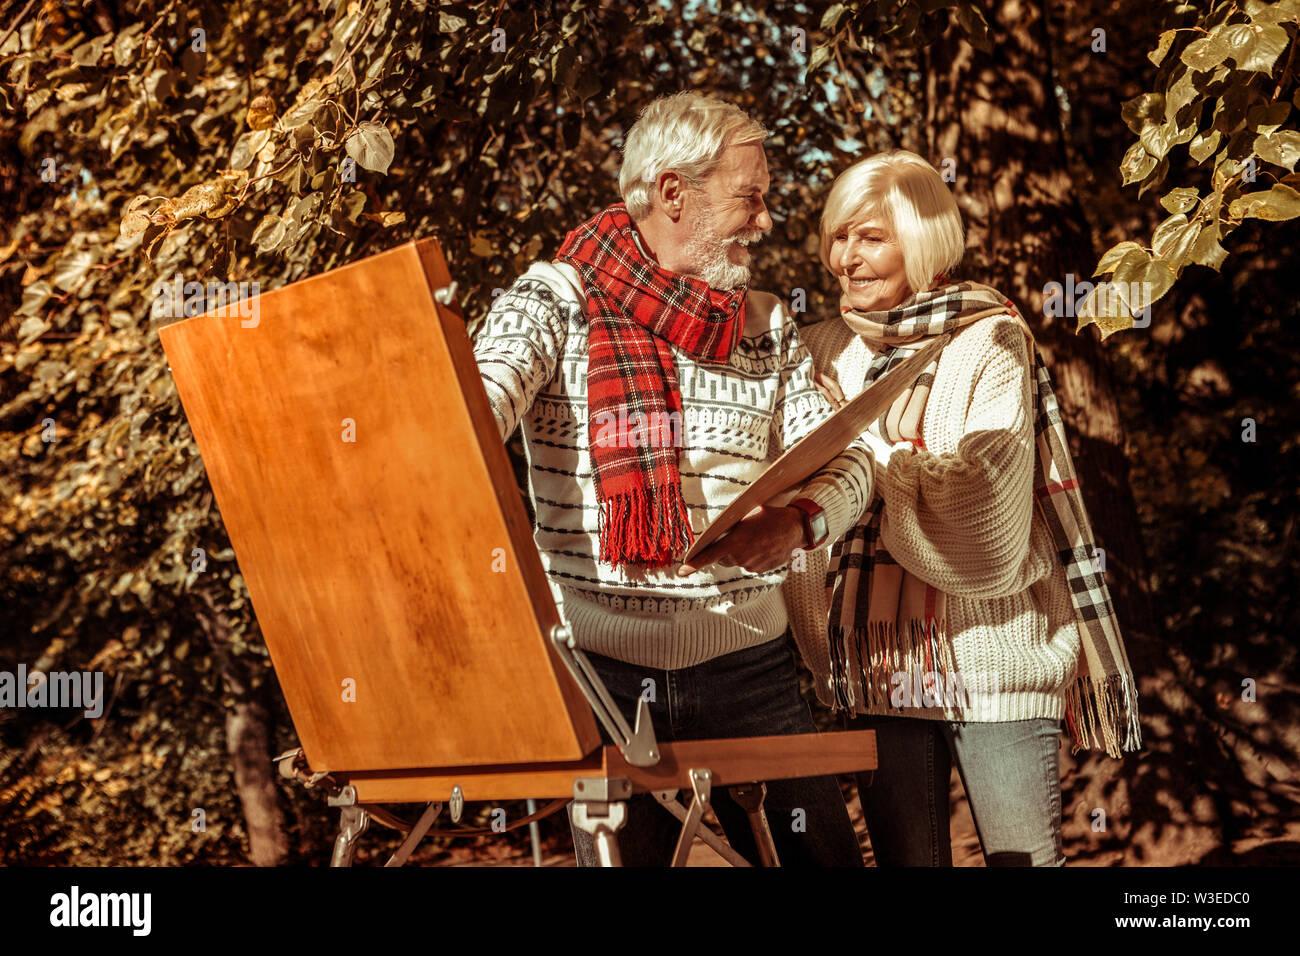 Mari et femme à la recherche de la belle image. Photo Stock